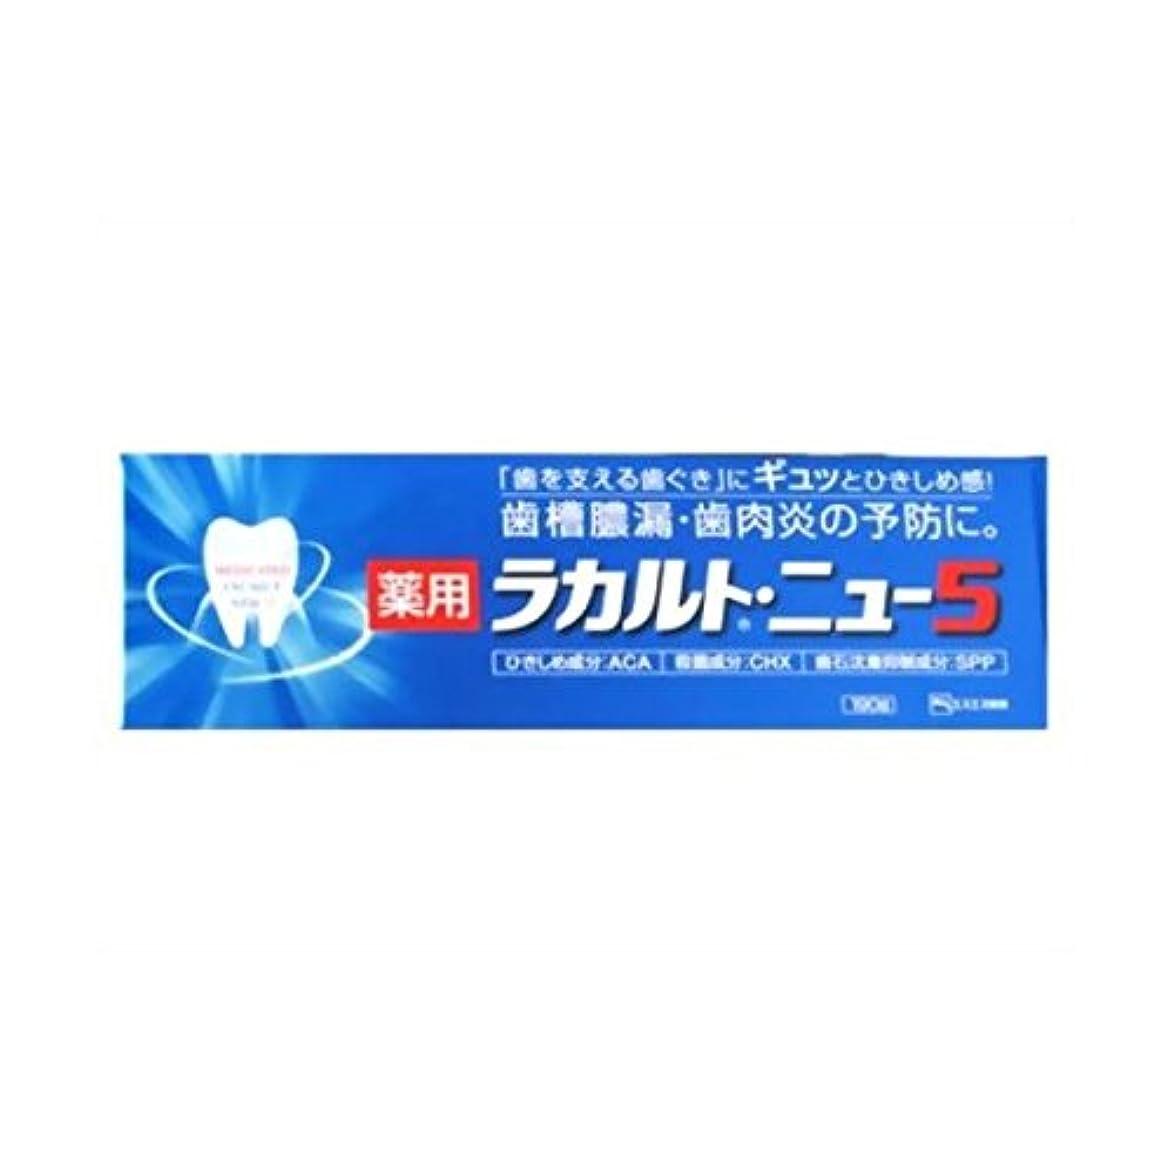 なる香水思い出す【お徳用 3 セット】 薬用ラカルトニュー5 190g×3セット